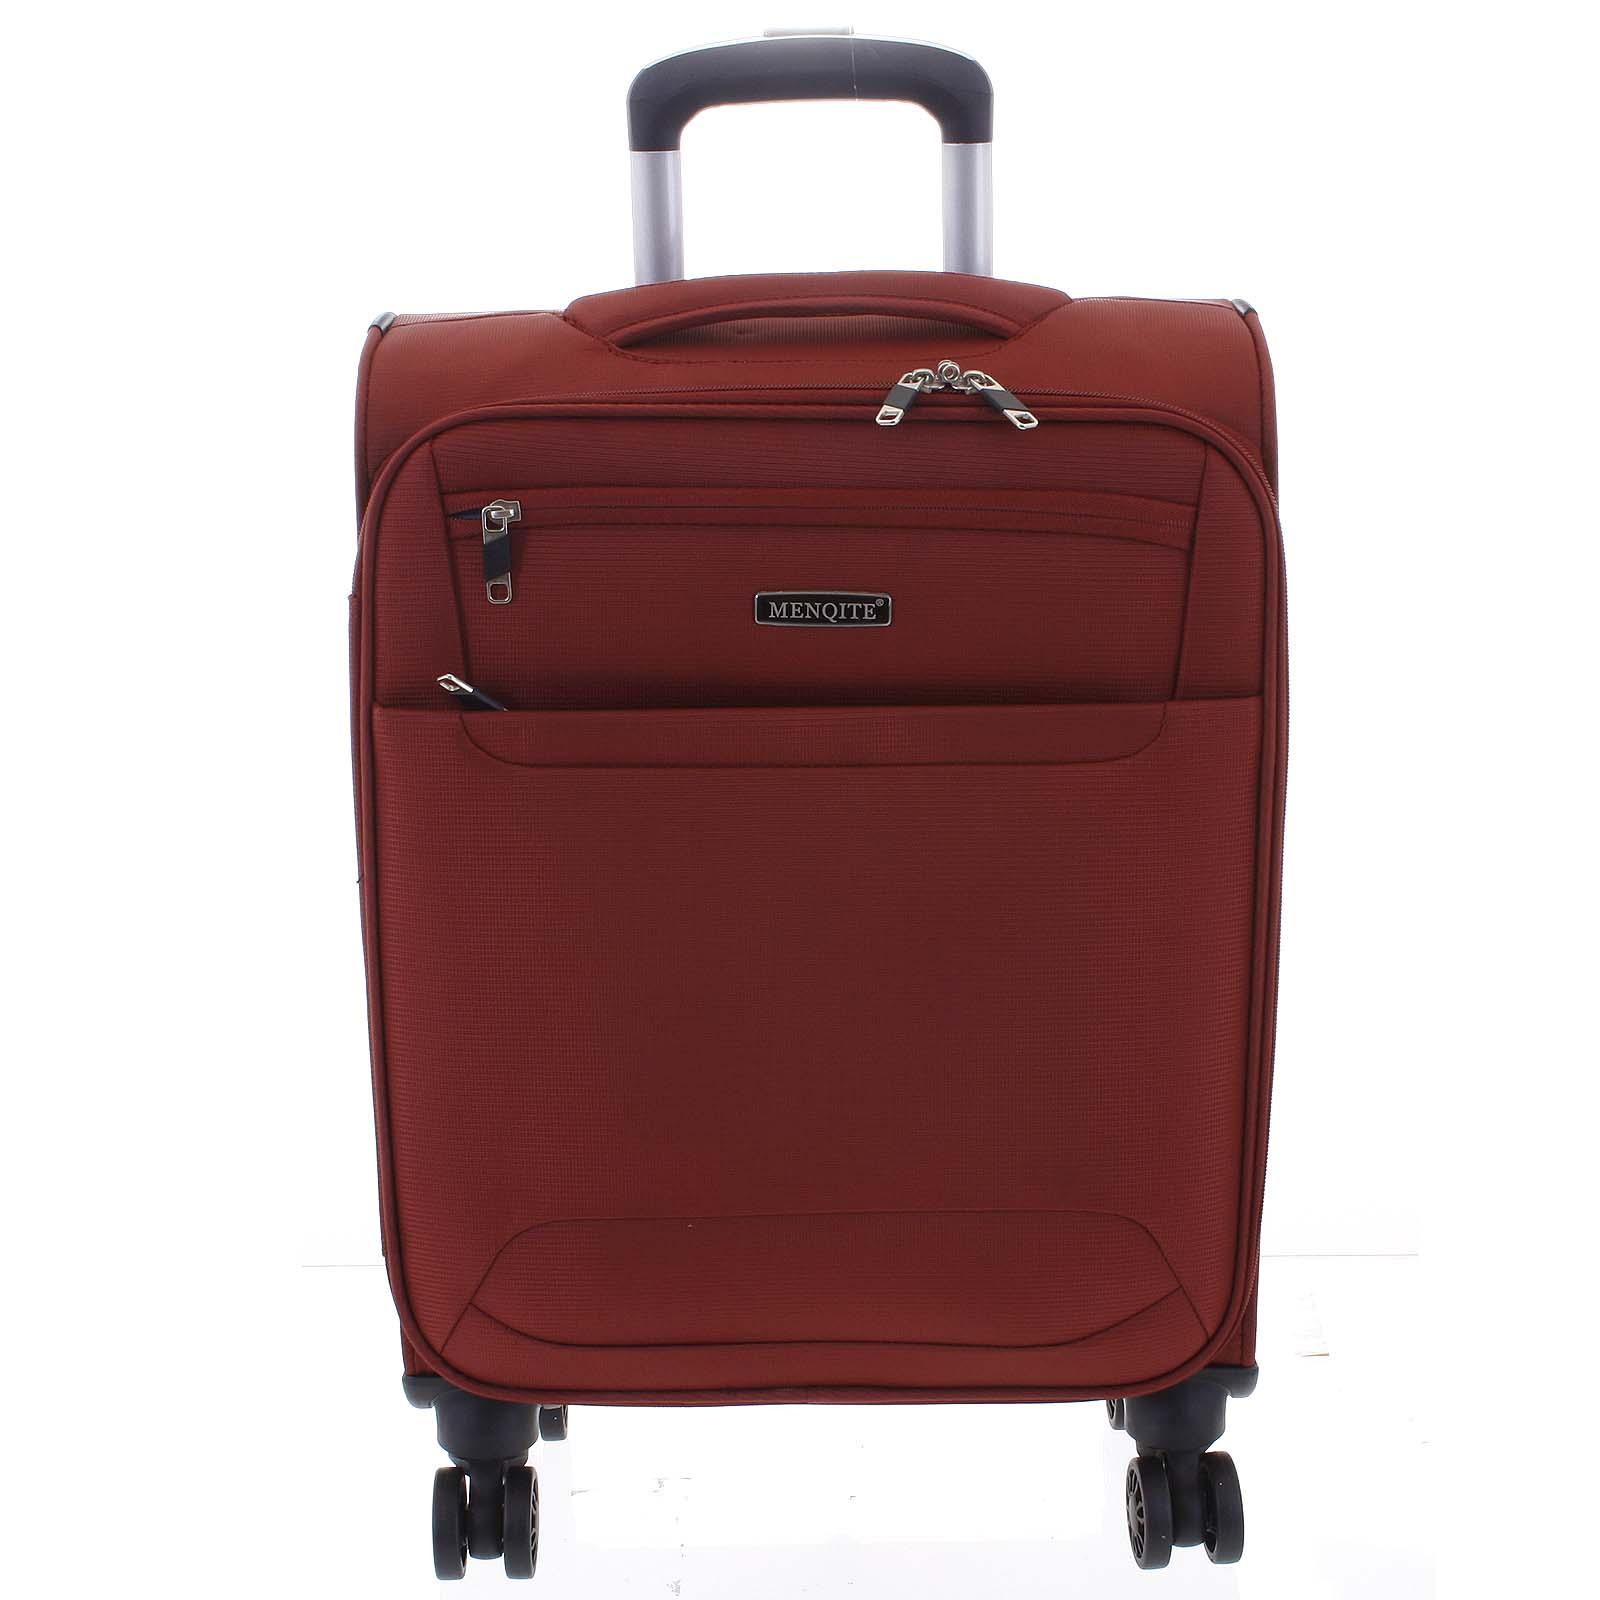 Nadčasový ľahký látkový cestovný kufor červený - Menqite Timeless S červená